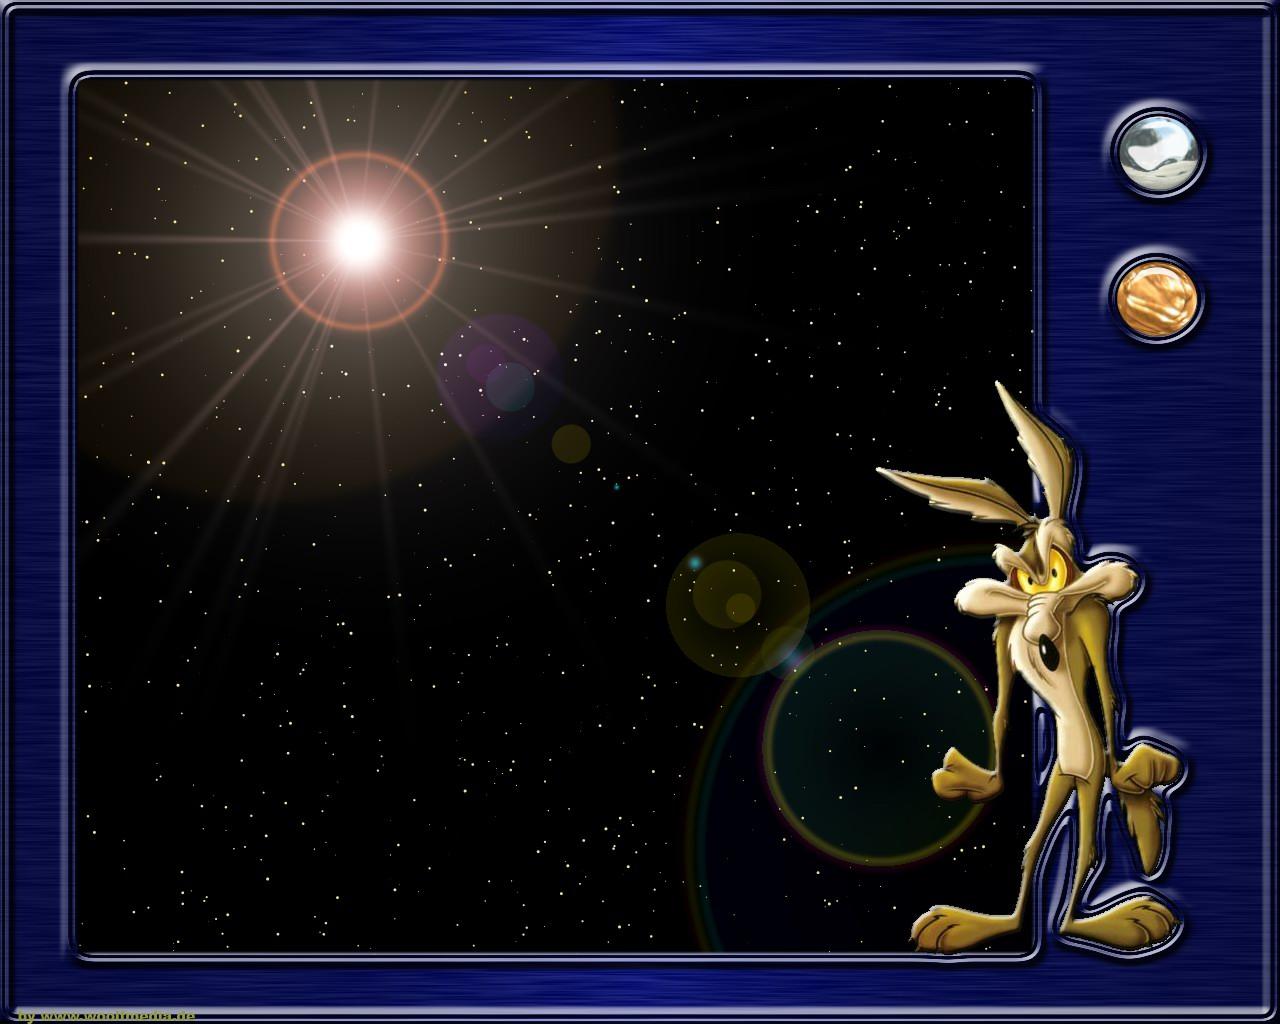 http://2.bp.blogspot.com/-T1apUXAZZT8/TWFjYvGyjtI/AAAAAAAAAcc/TnSYCr00Kxk/s1600/fondo-wallpaper-coyote.jpg